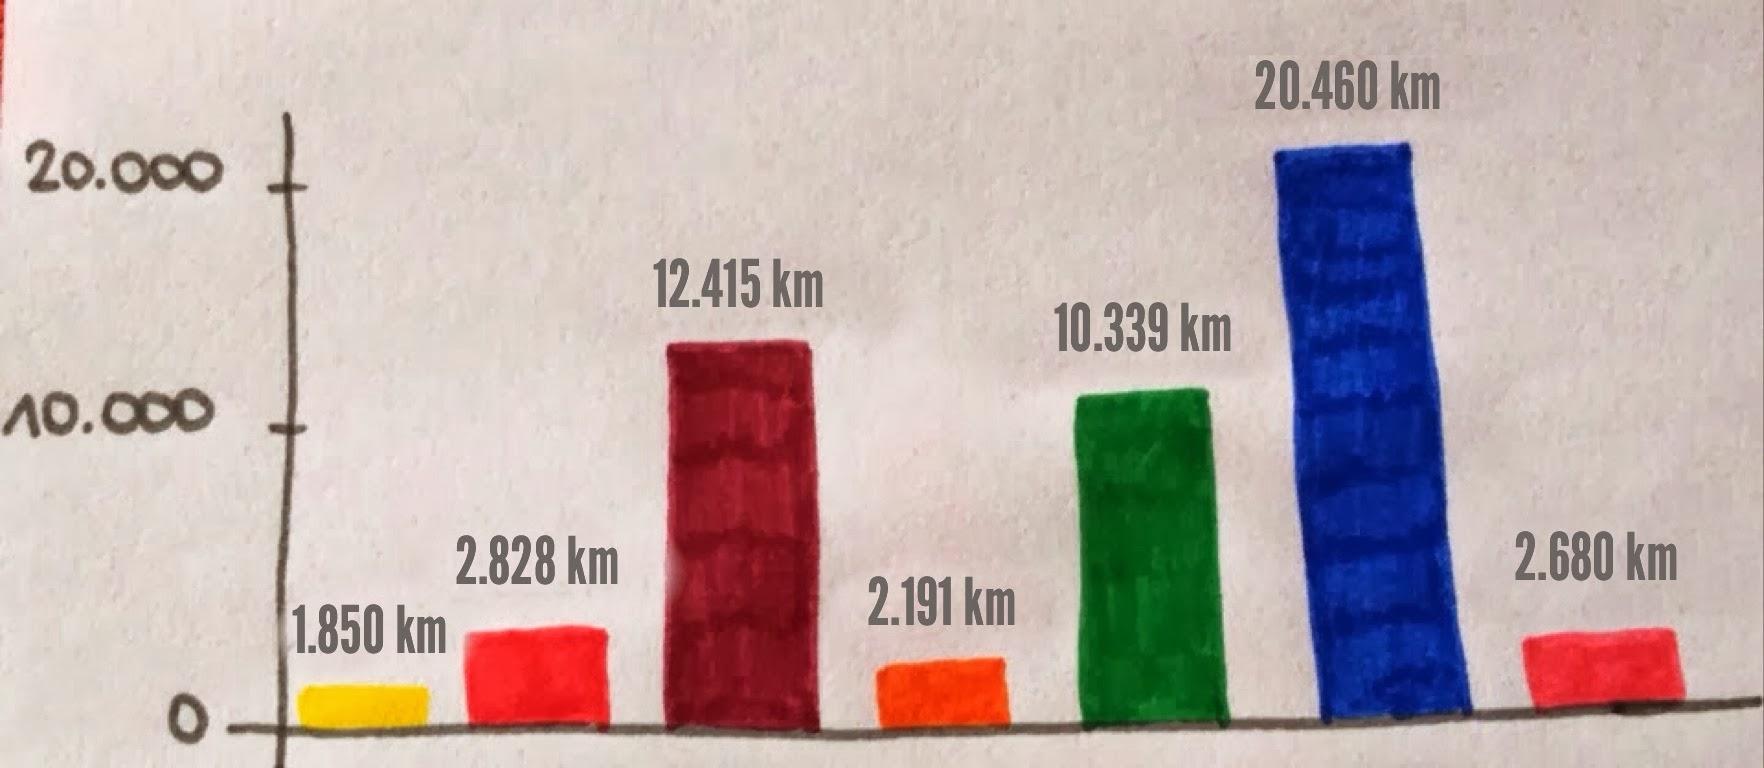 afstand kilometers rond de aarde